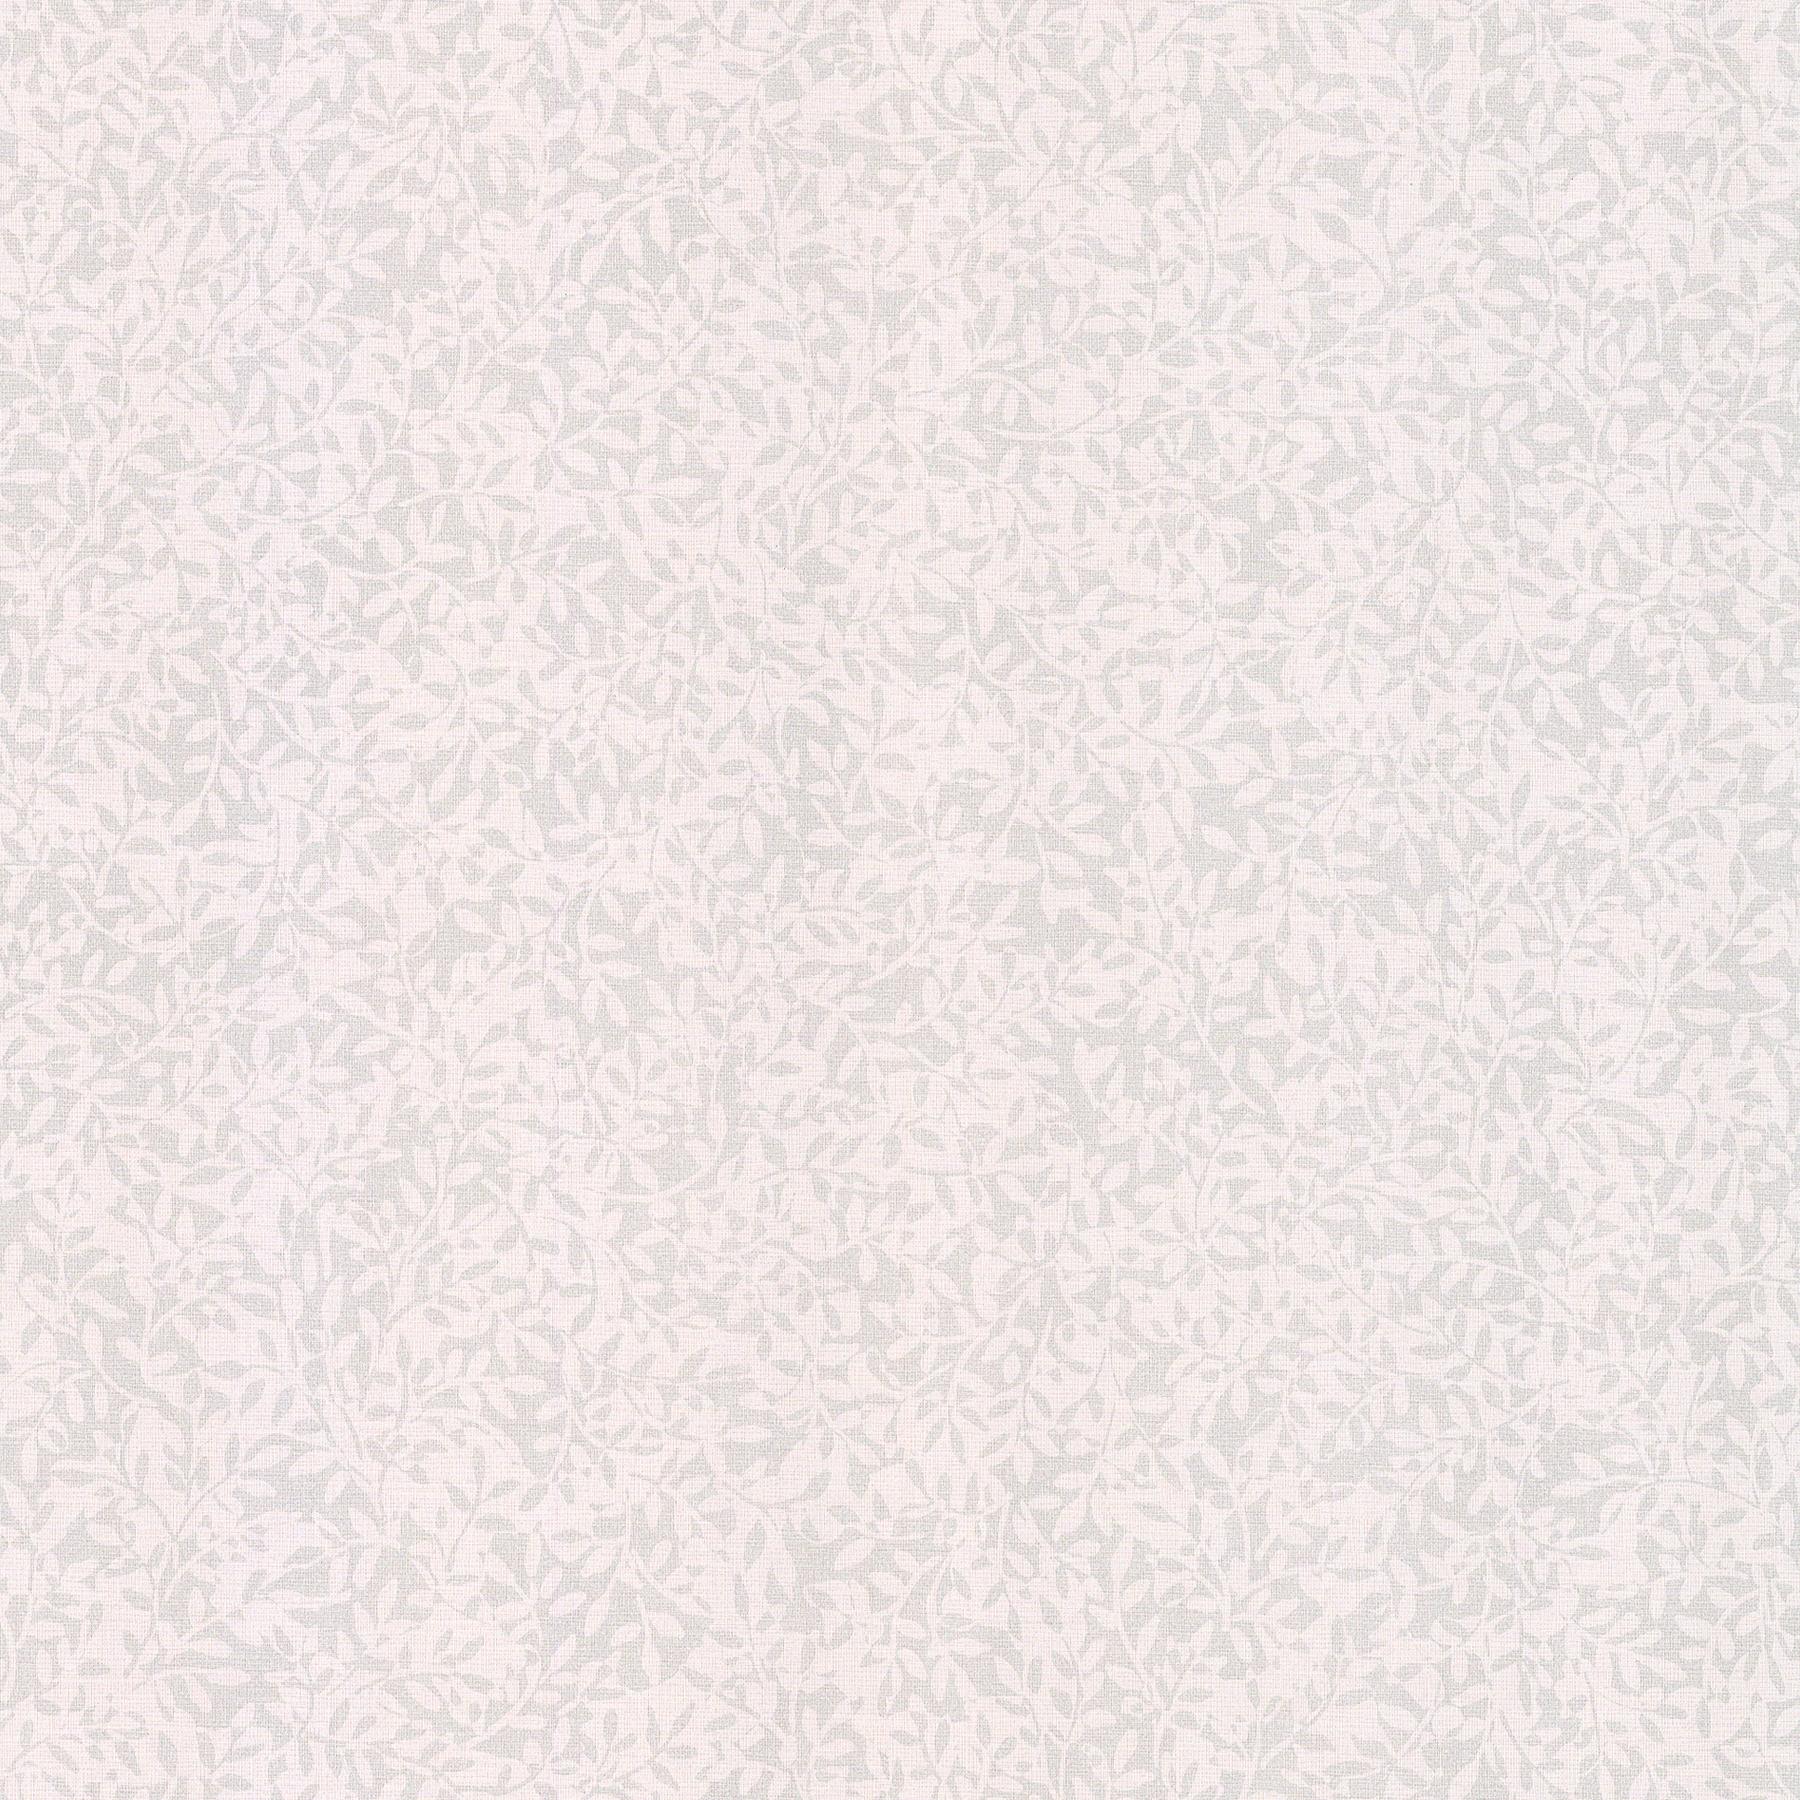 Picture of Ariston Fog Vine Silhouette Wallpaper